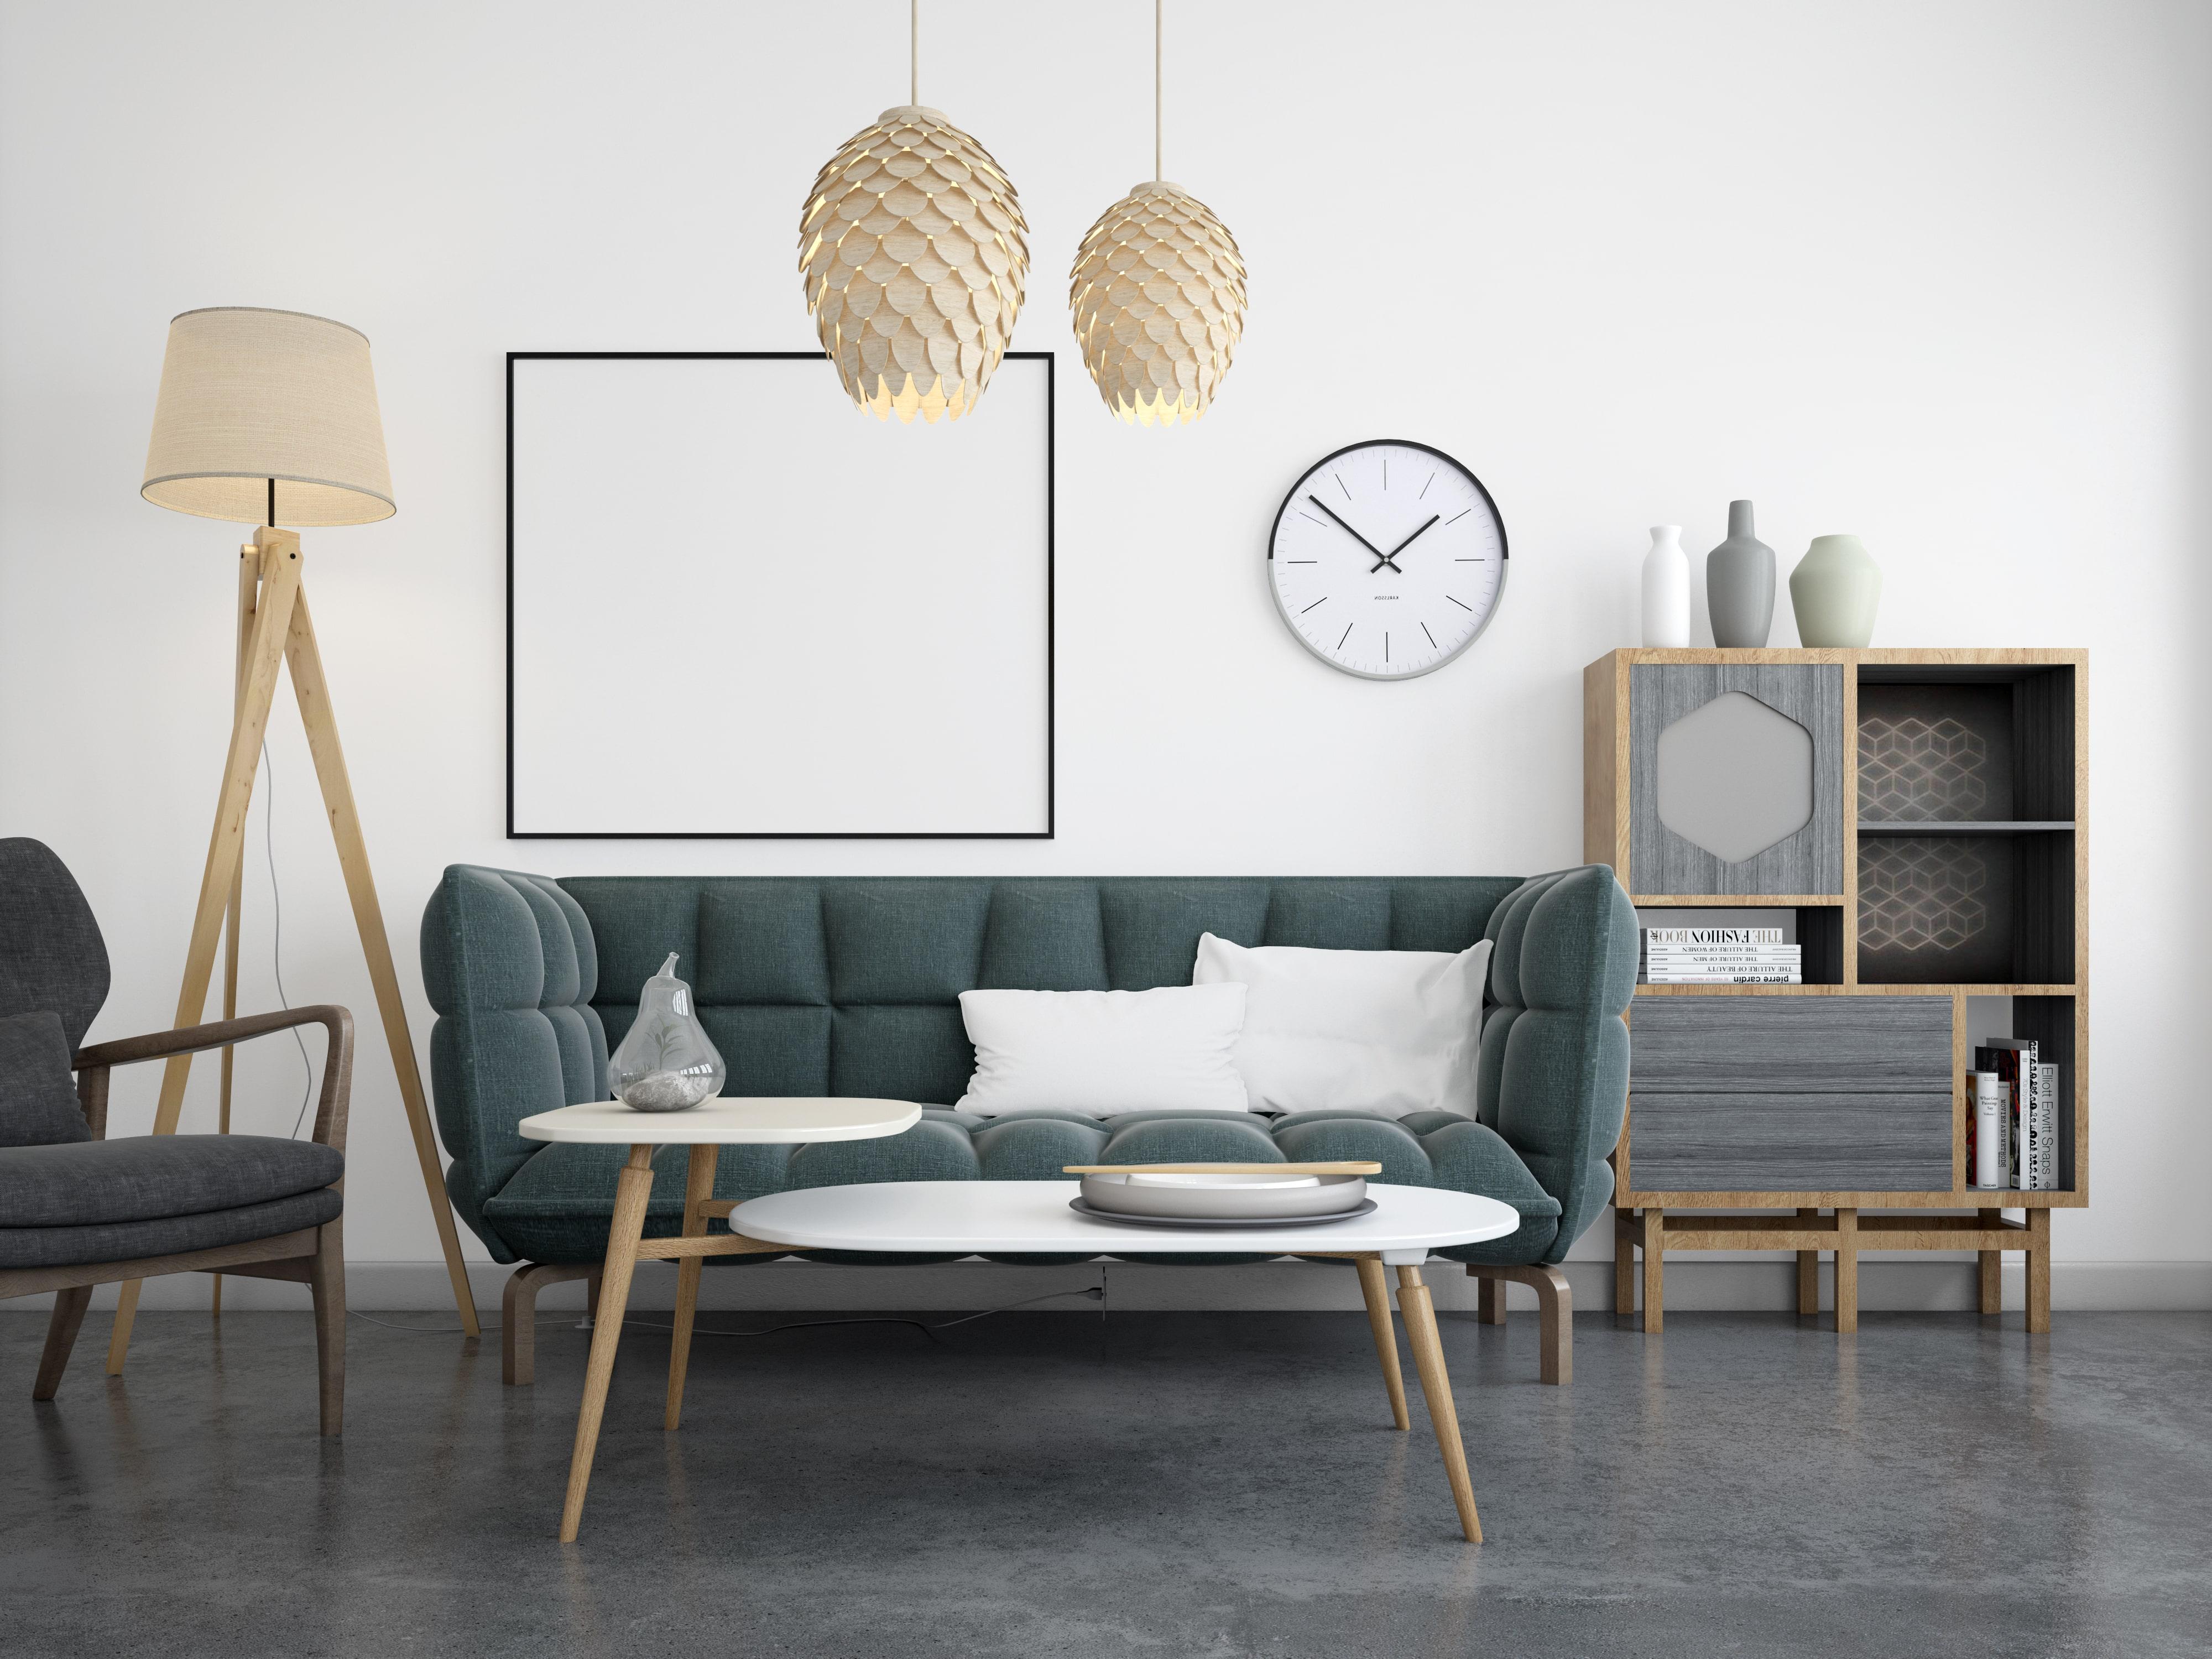 5 alterações simples que pode fazer em sua casa para começar bem o ano!